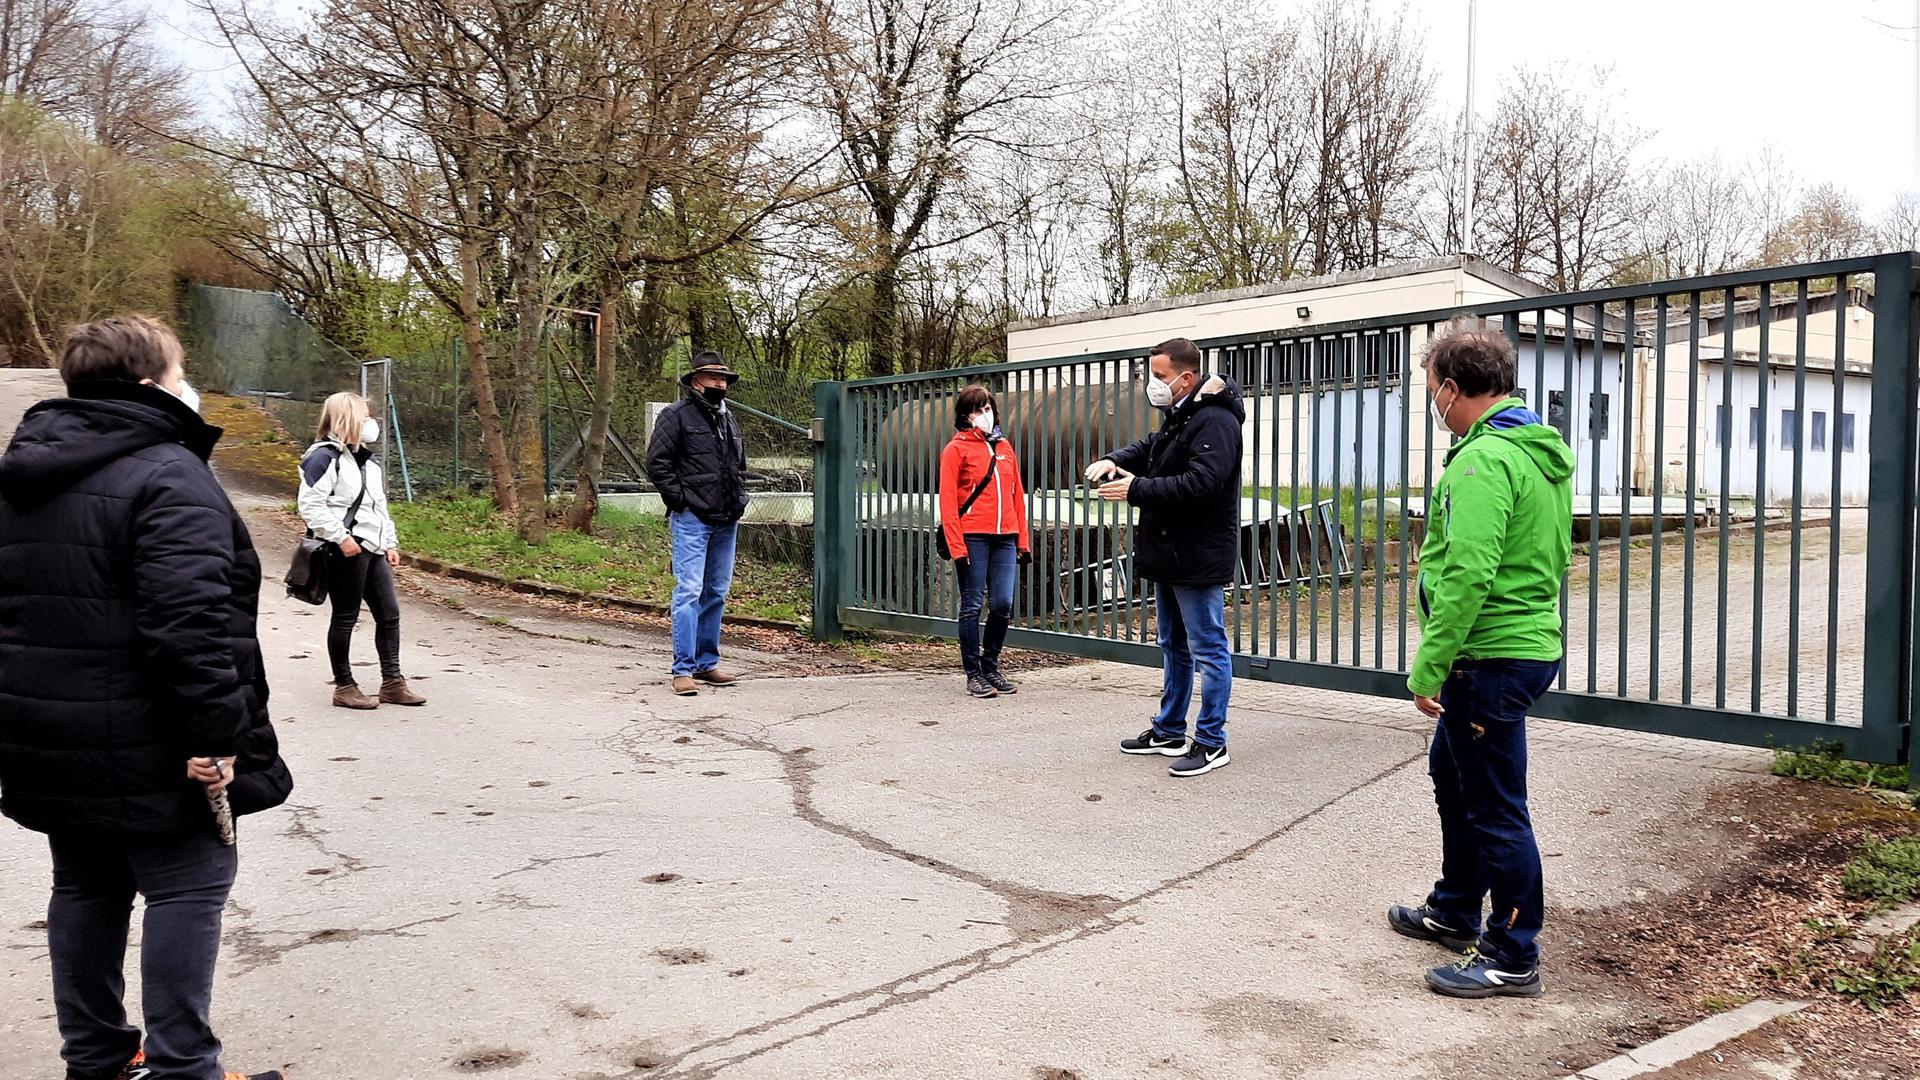 Vor der  Sickerwasserreinigungsanlage der Deponie in Gaggenau-Oberweier treffen sich Mitglieder der Bürgeriniative gegen die Deponieerweiterung und Mitglieder des Gemeinderats Bischweier.